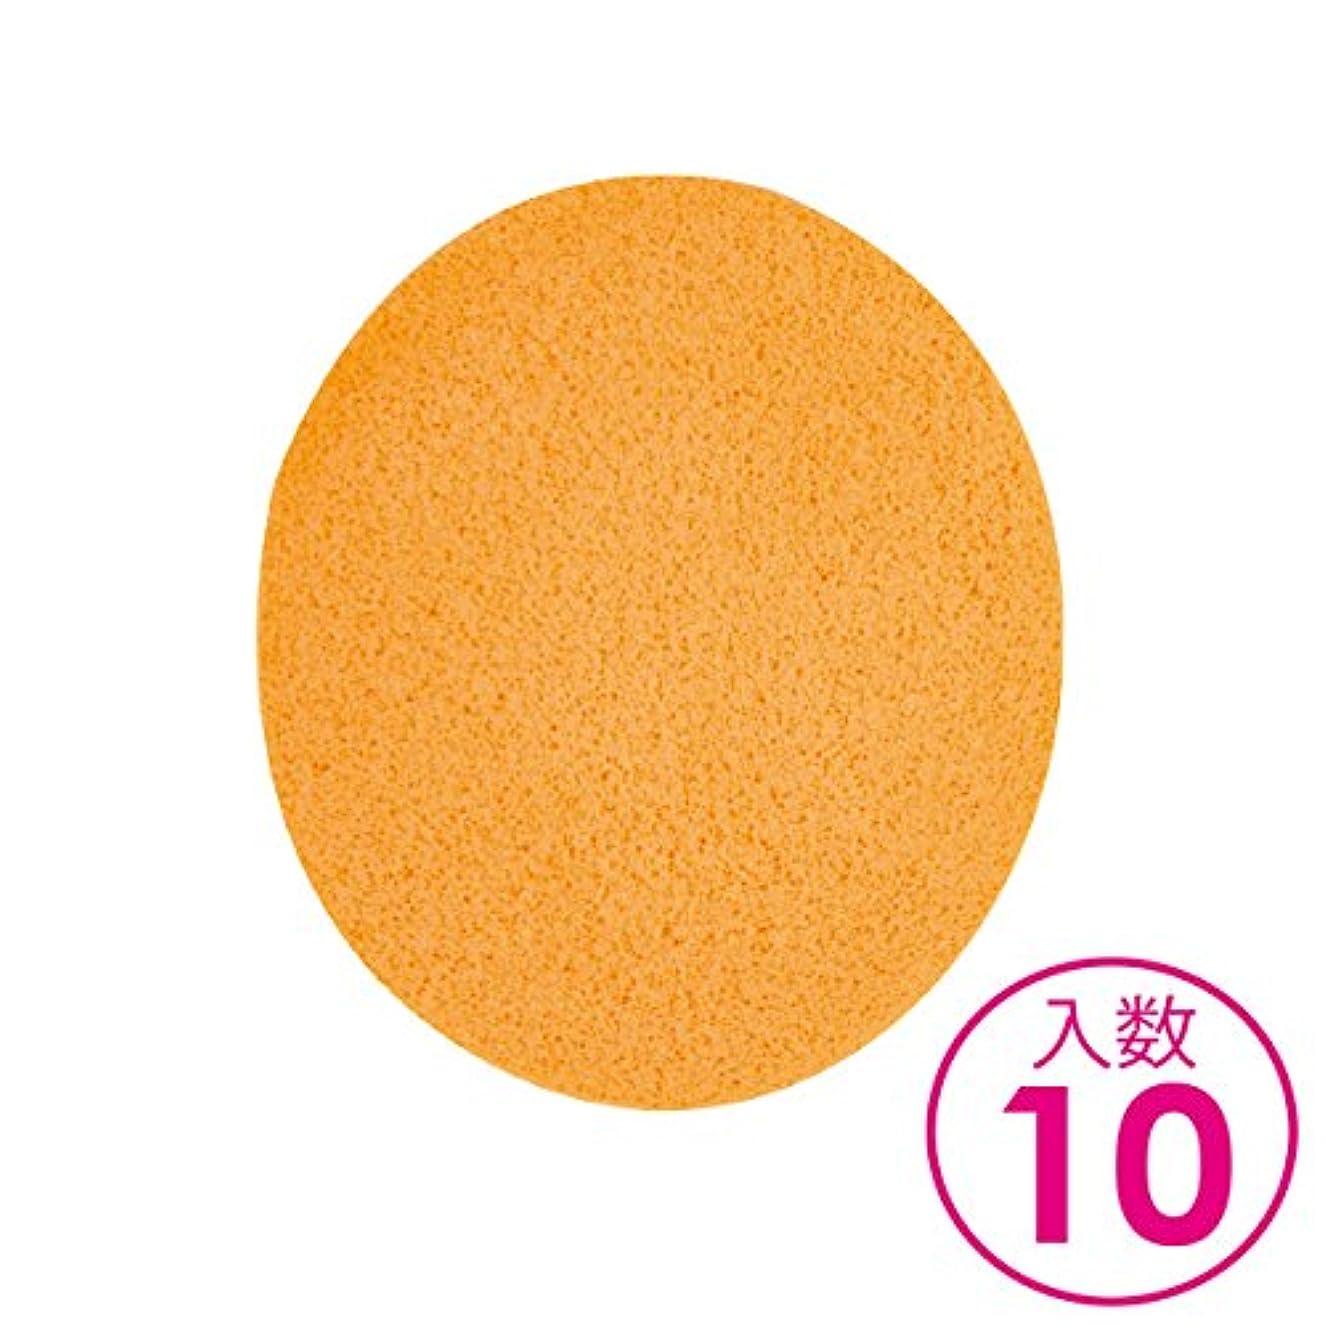 動作食器棚服を片付けるボディスポンジ 幅120×長さ140×厚み10mm (きめ粗い) 10枚入 オレンジ [ ボディスポンジ ボディ用スポンジ マッサージスポンジ ボディ ボディー 体用 エステ スポンジ パック 拭き取り 吸水 保水 ]